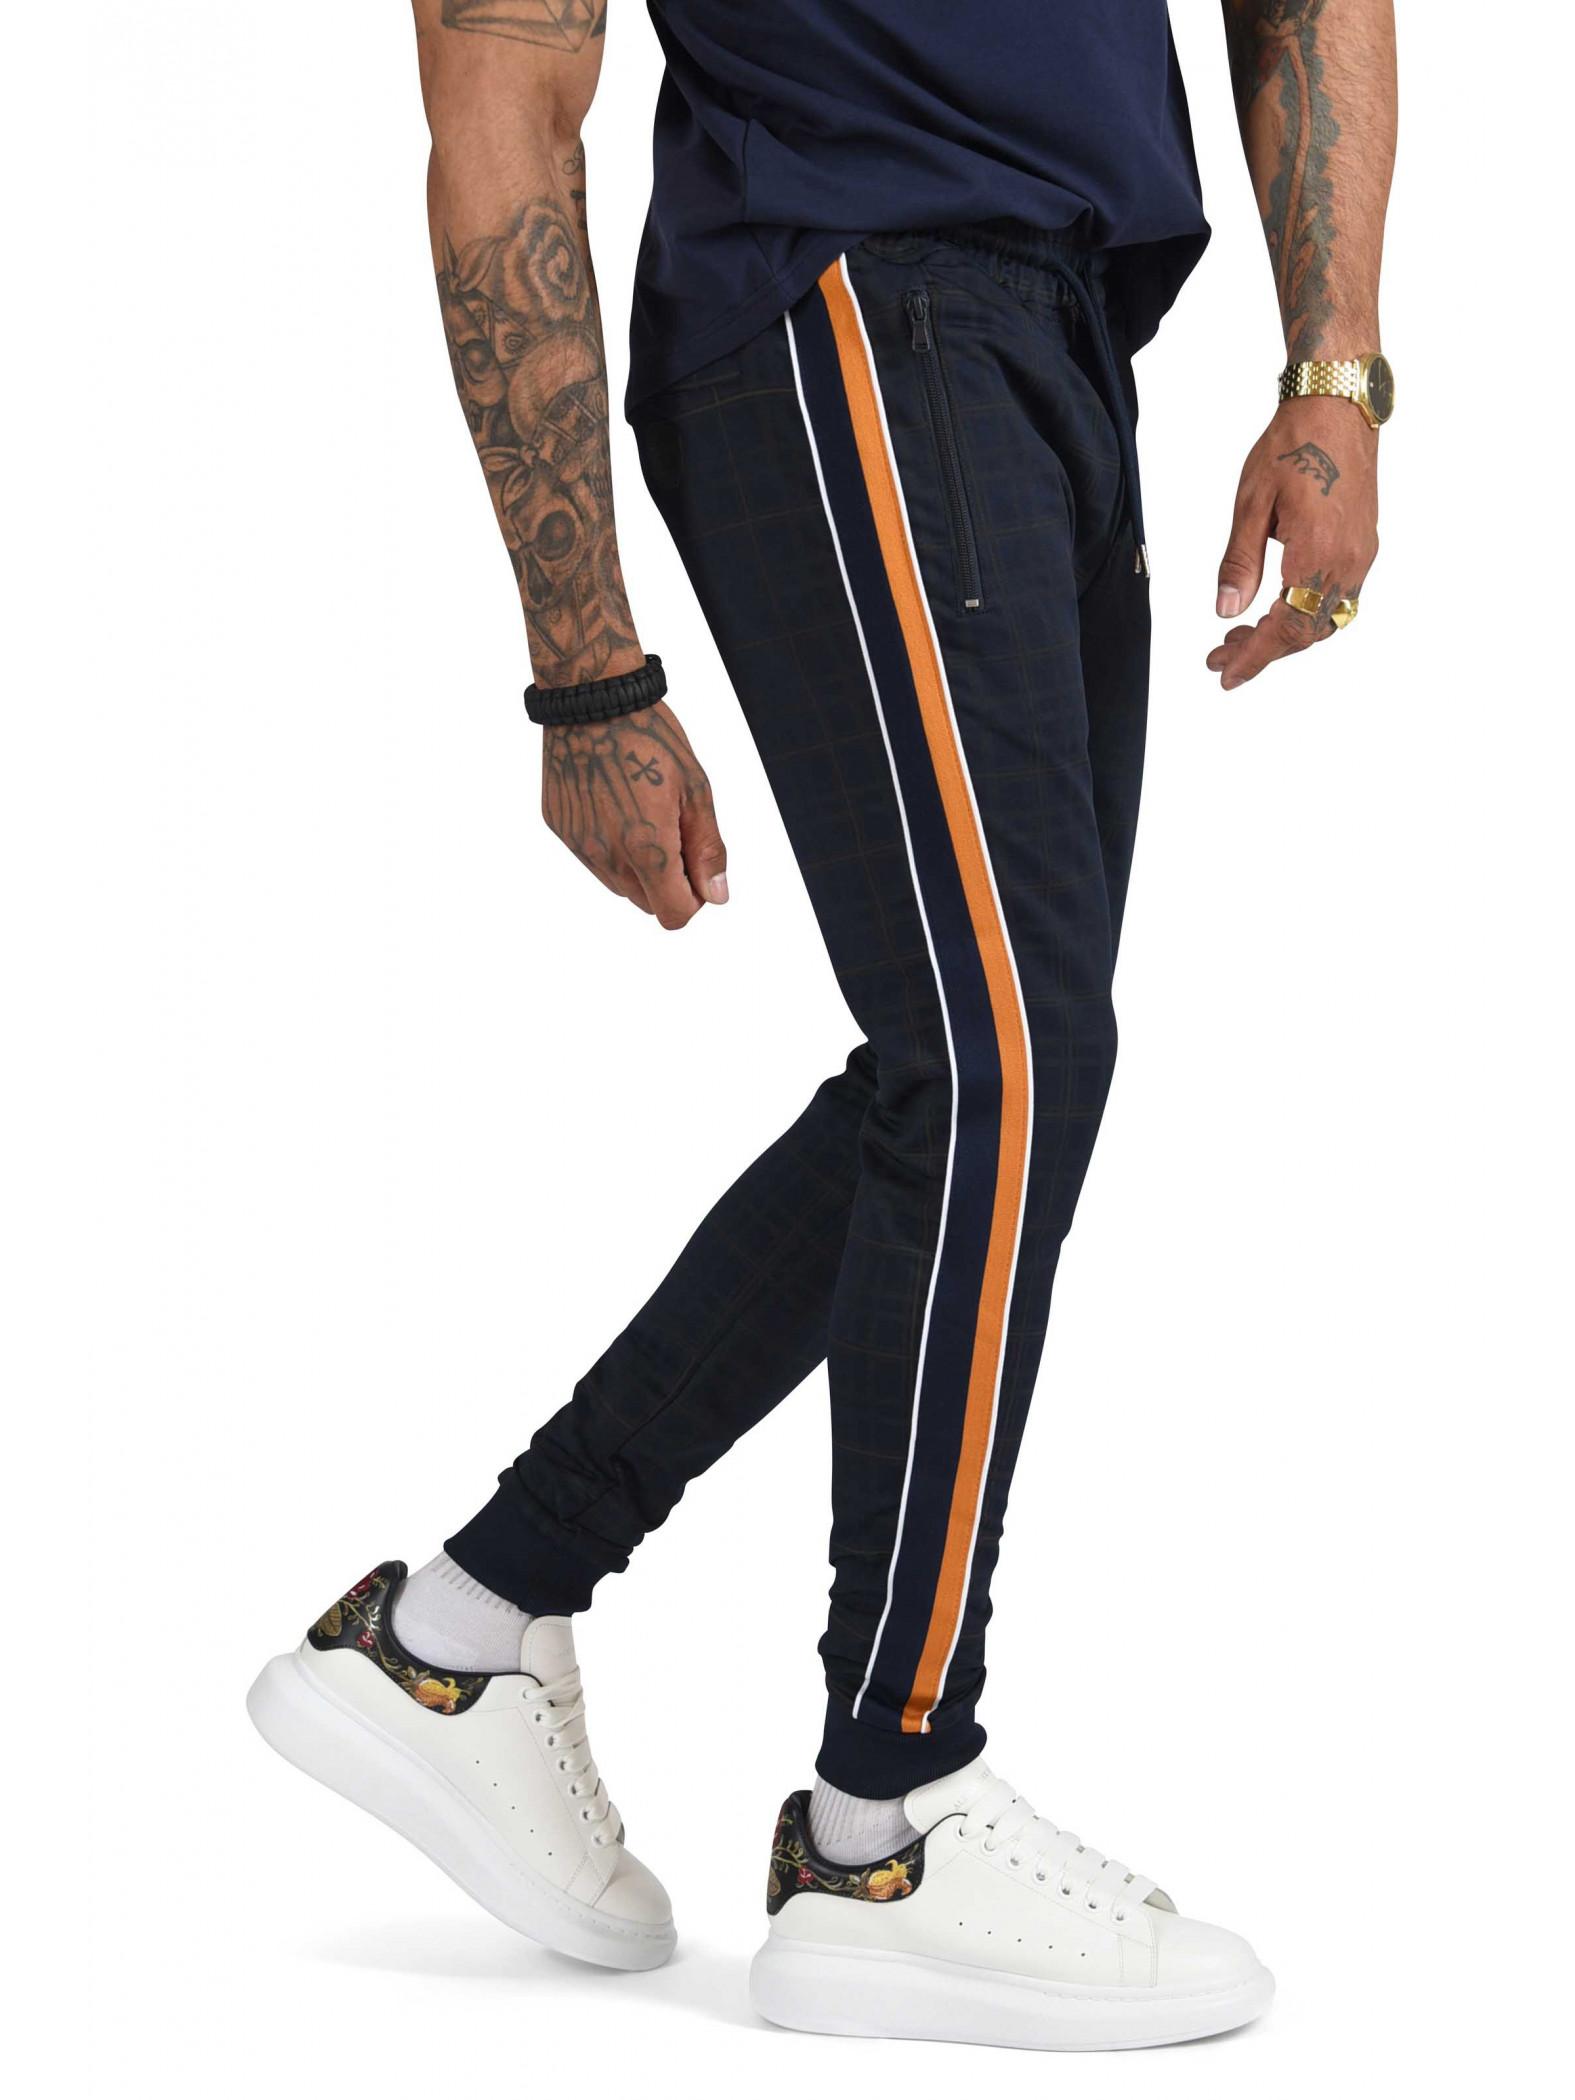 pantalon de jogging bandes color es homme project x paris. Black Bedroom Furniture Sets. Home Design Ideas